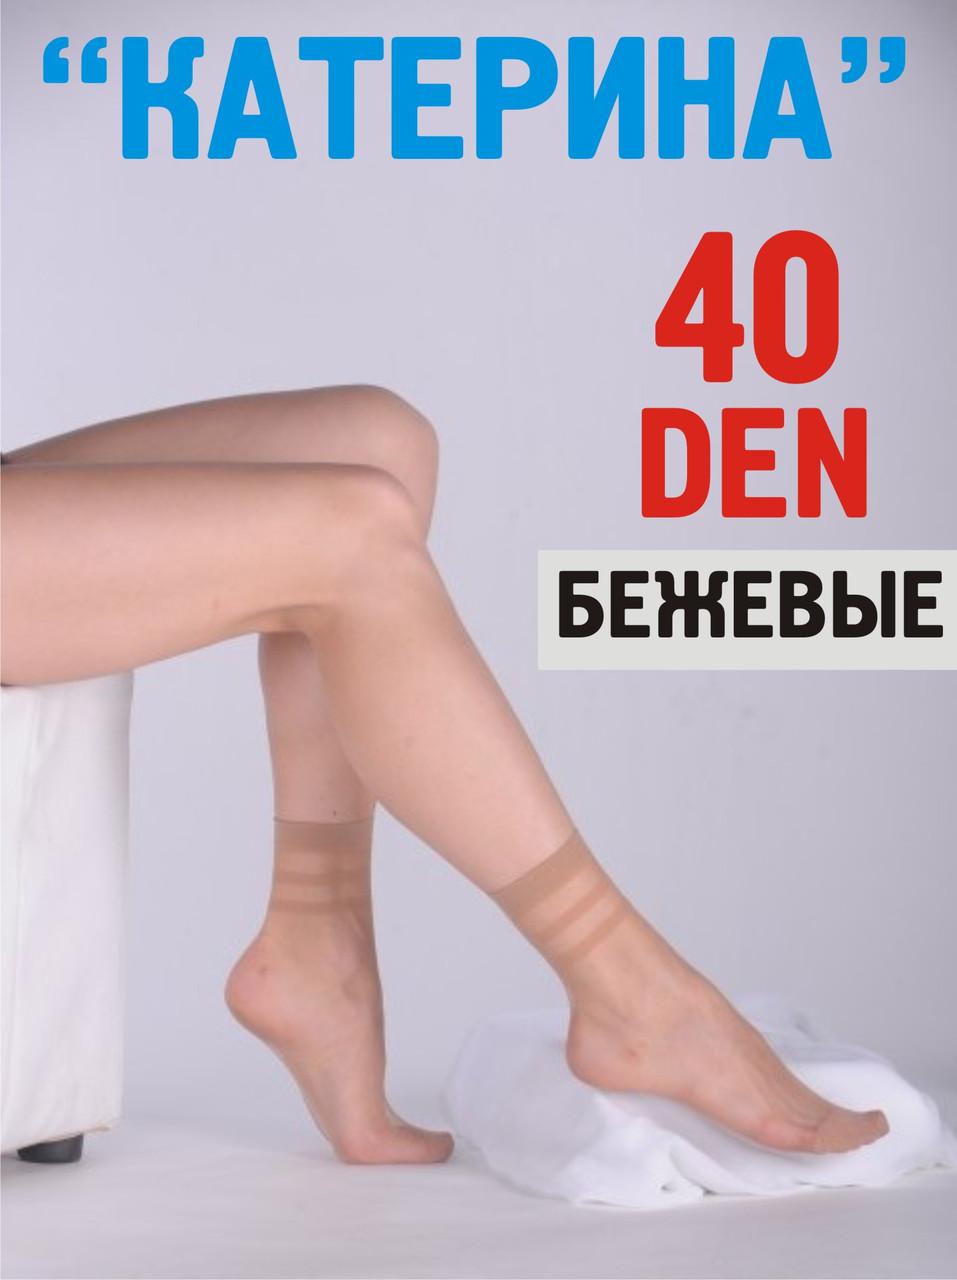 Носки женские капроновые КАТЕРИНА с 2-мя полосками 40 Den бежевые НК-272